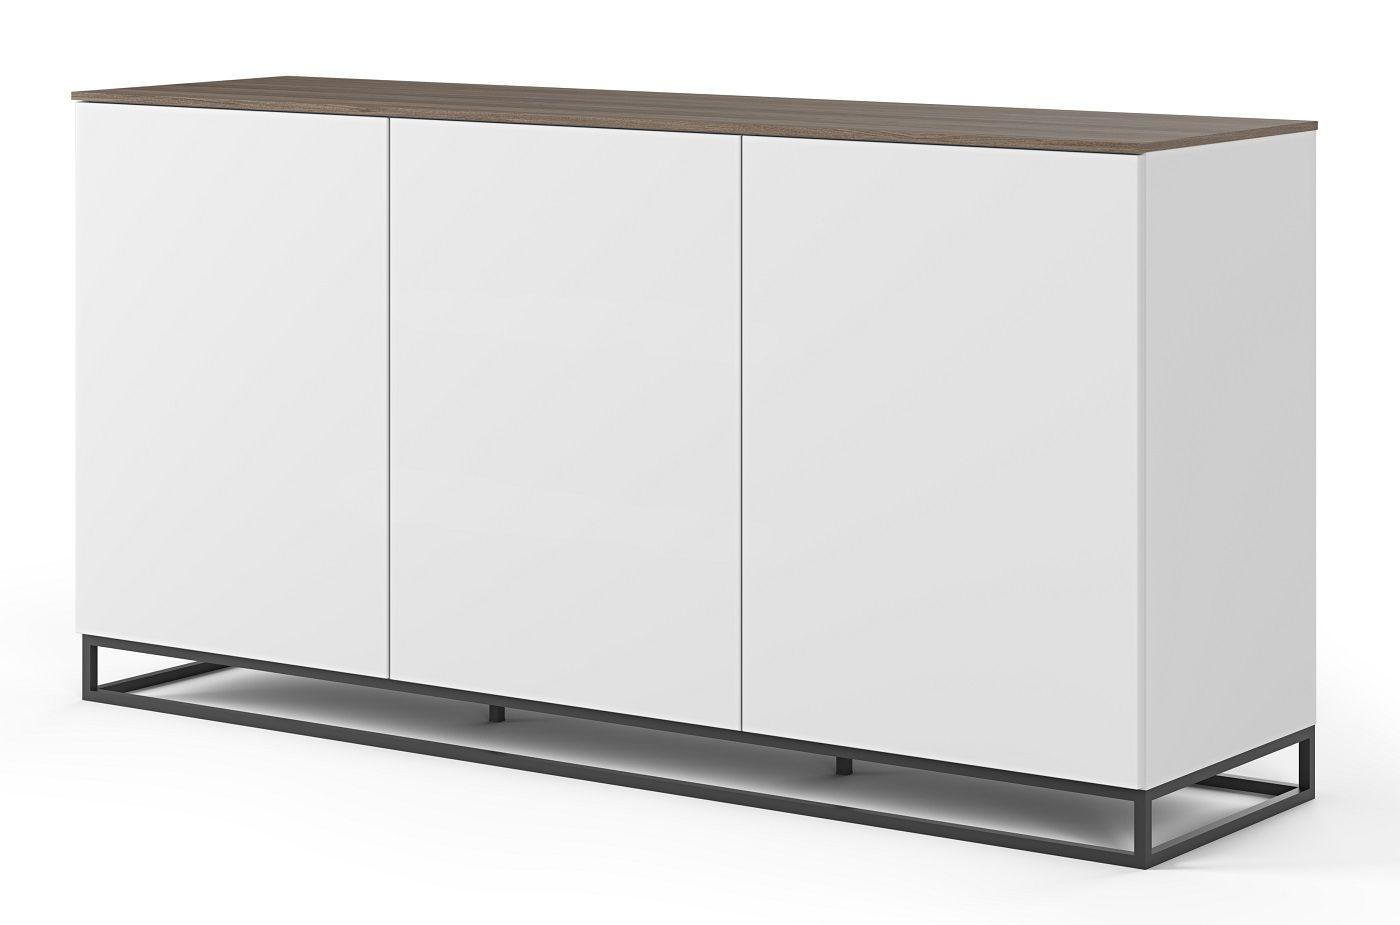 Temahome Join H2 Skænk - Mat Hvid/Valnød